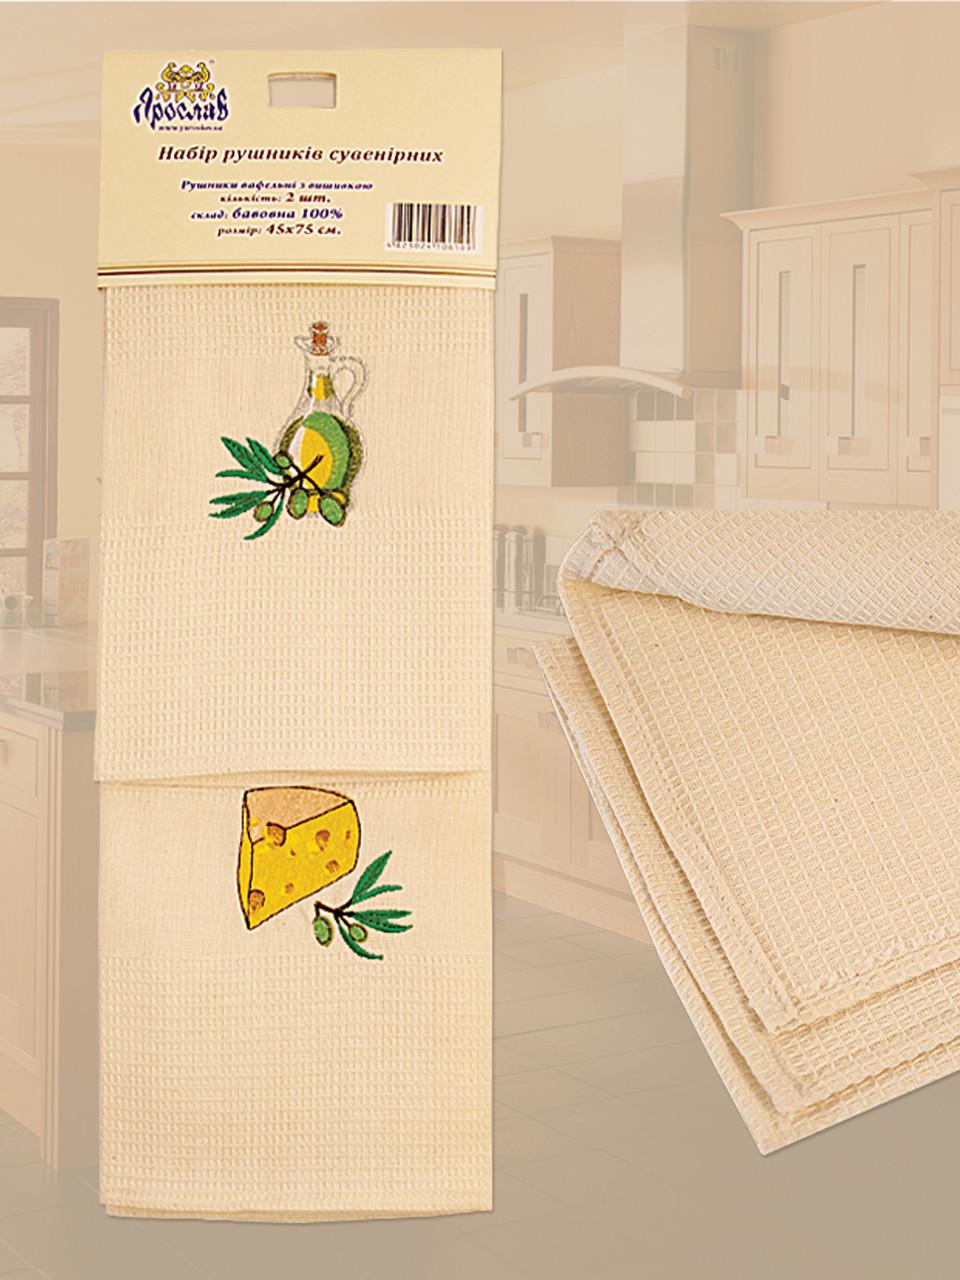 Набор из вафельных полотенец Сувенирных с вышивкой (2 шт.) ТМ Ярослав